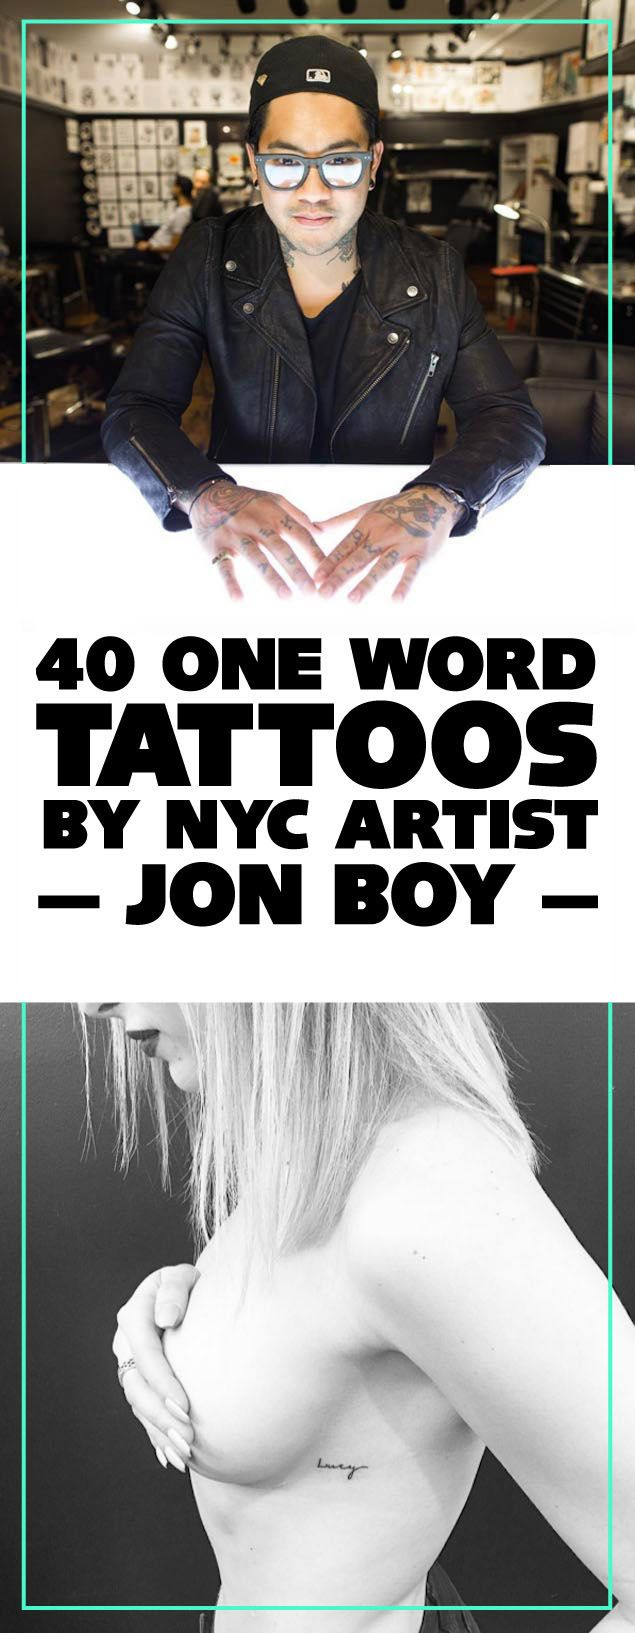 One Word Tattoos by NYC artist Jon Boy